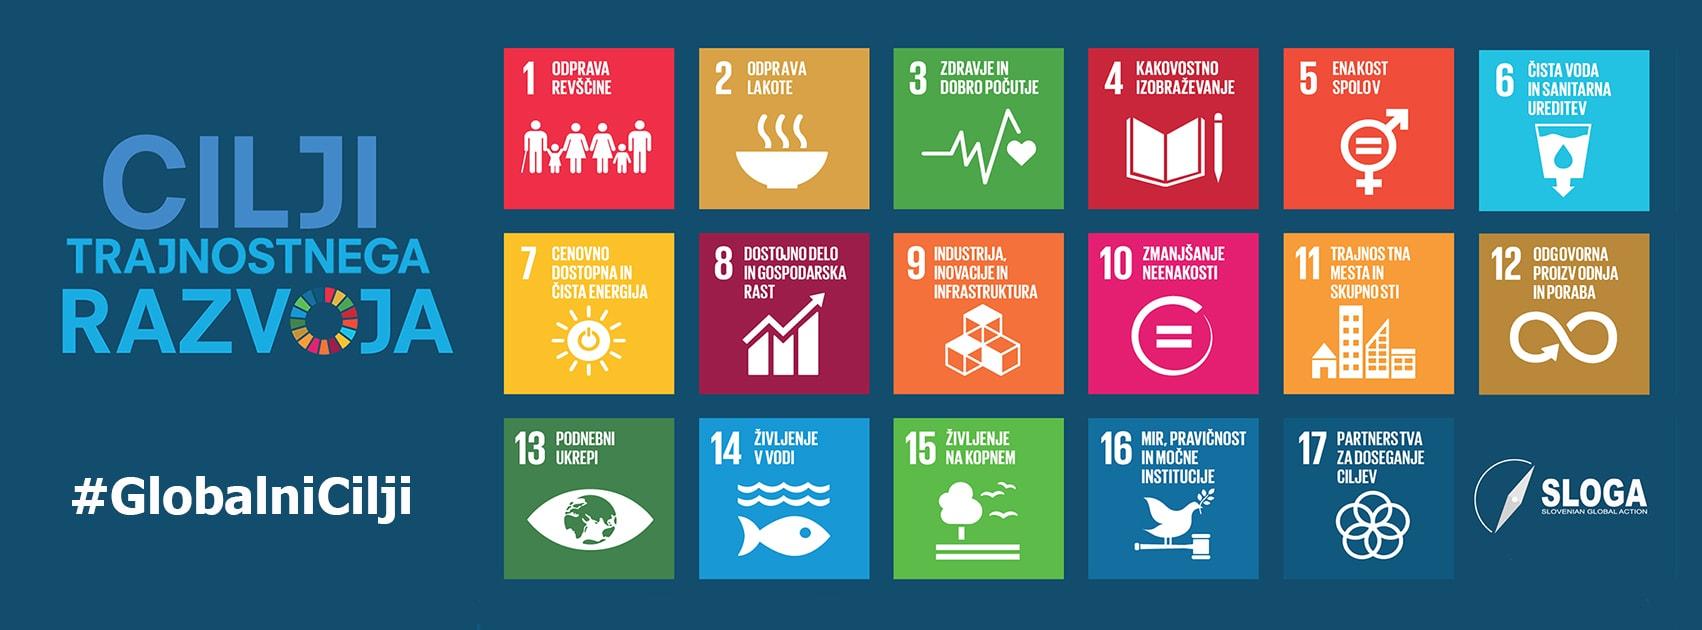 Za trajnostni razvoj ključna krepitev civilne družbe